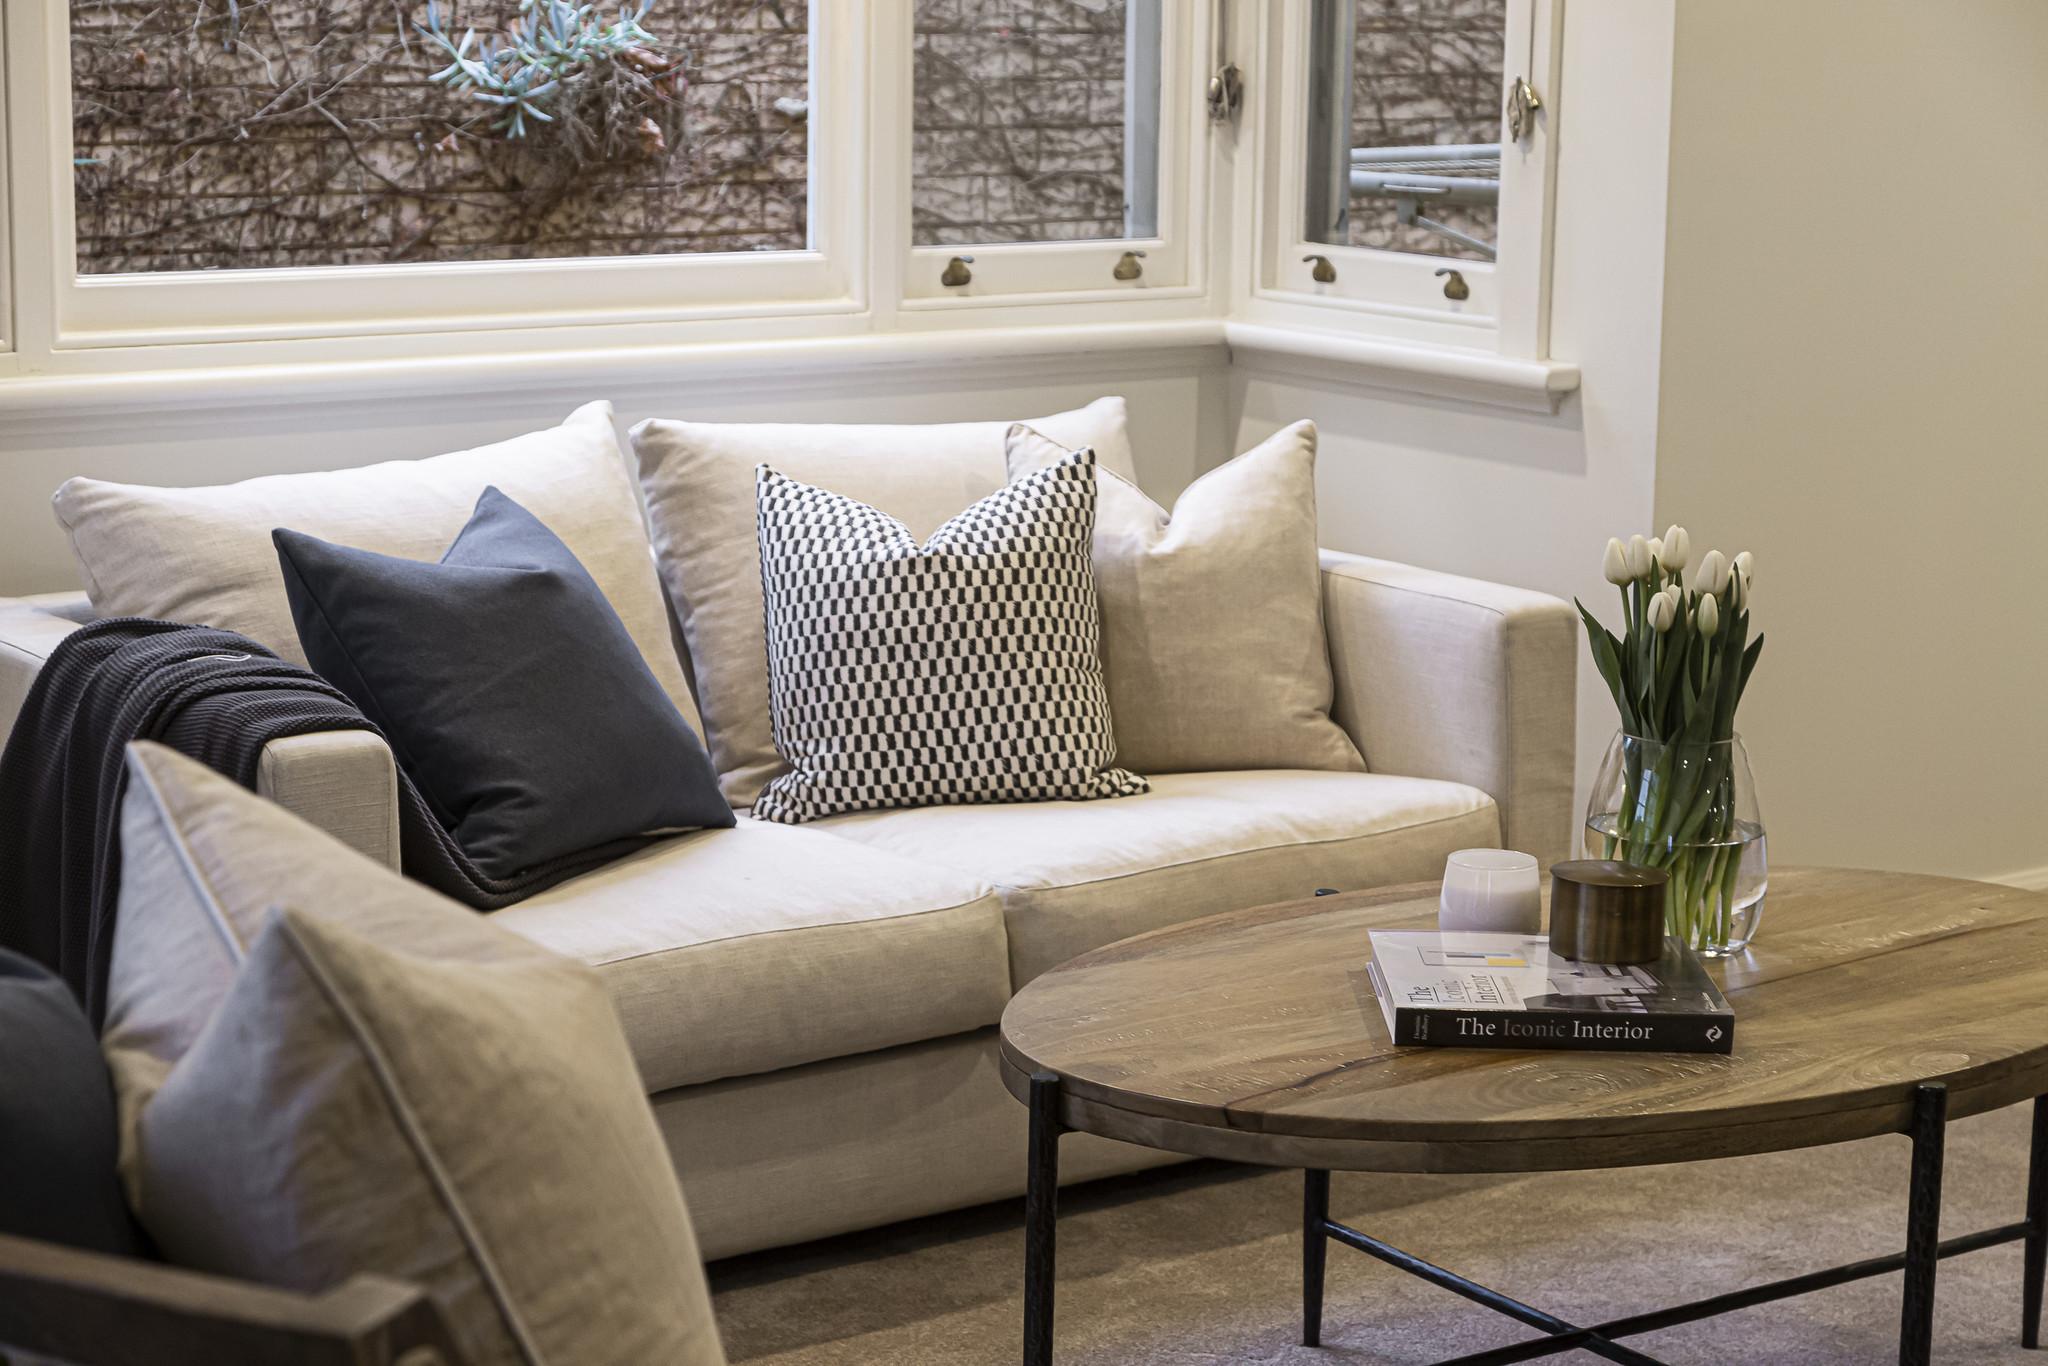 Hoe kies ik de beste salontafel voor mijn interieur?